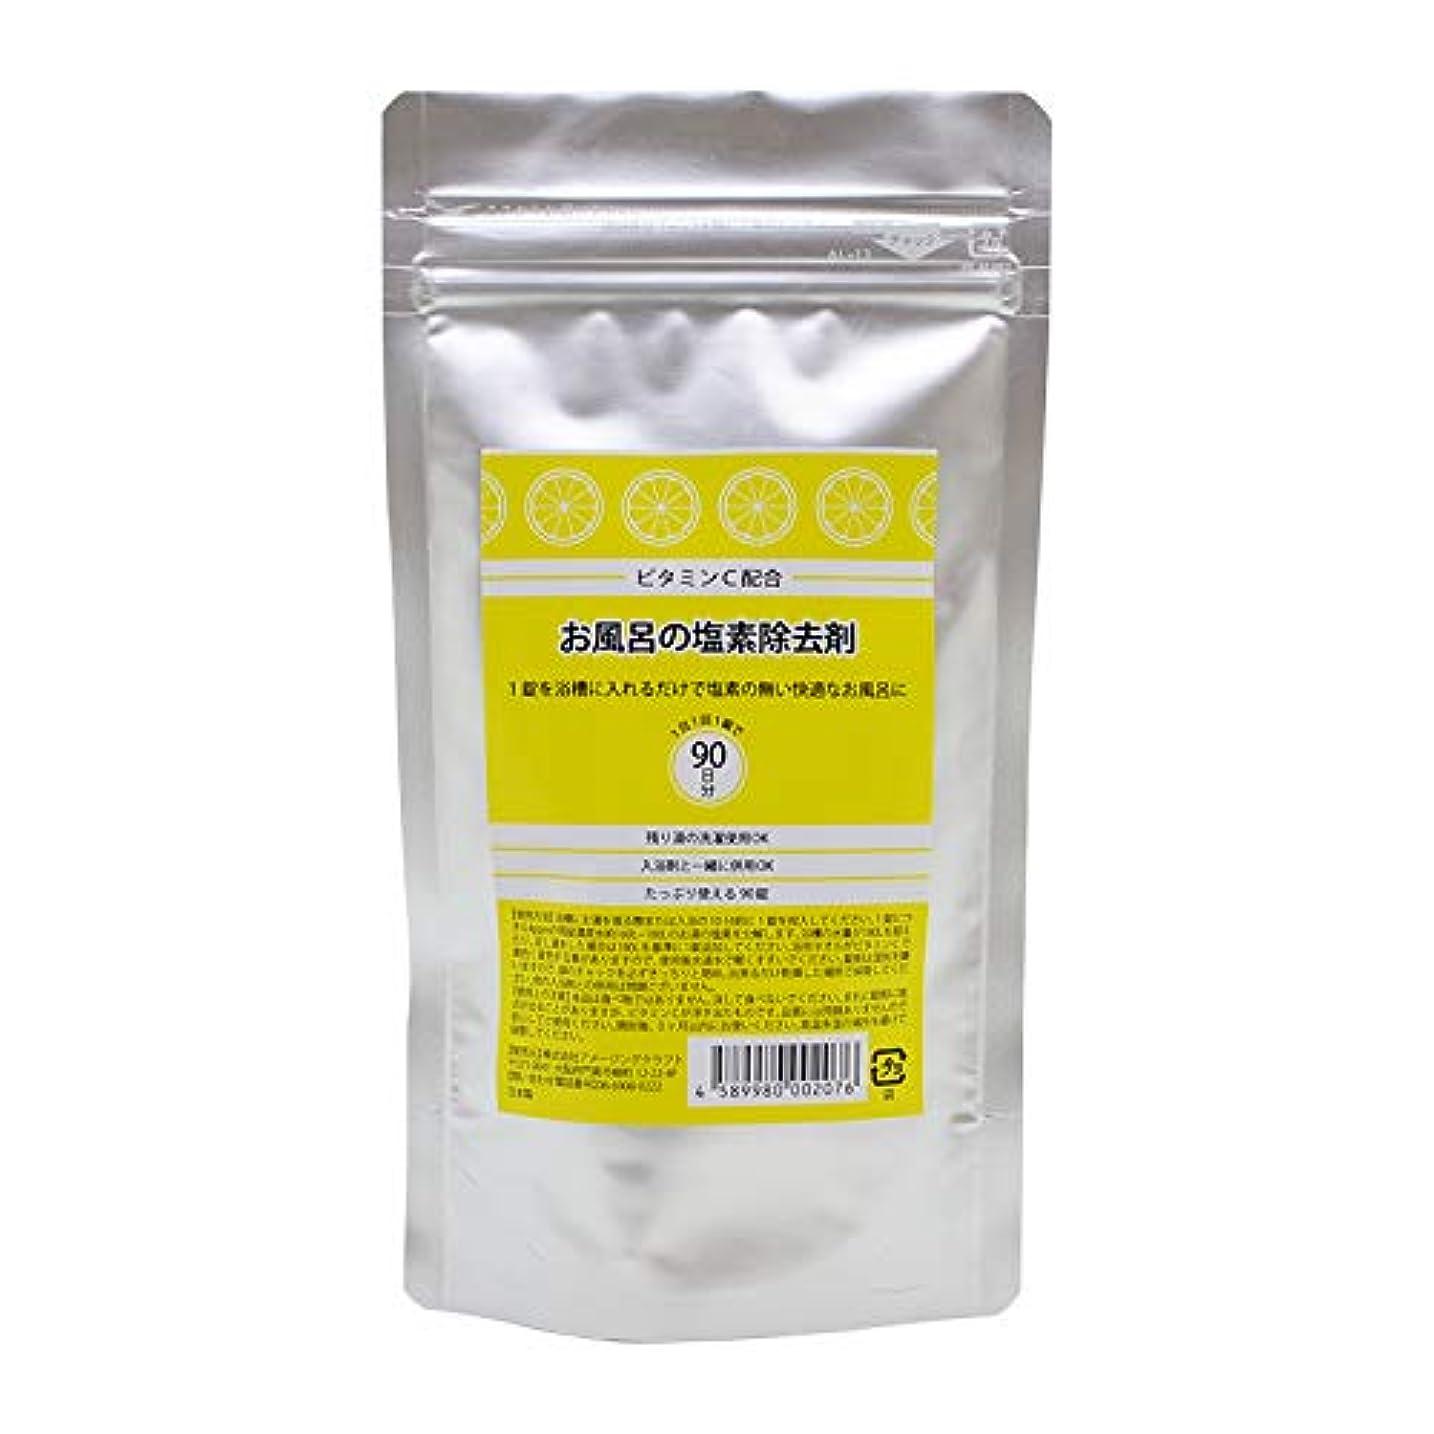 つらいバンデザートビタミンC配合 お風呂の塩素除去剤 錠剤タイプ 90錠 浴槽用脱塩素剤